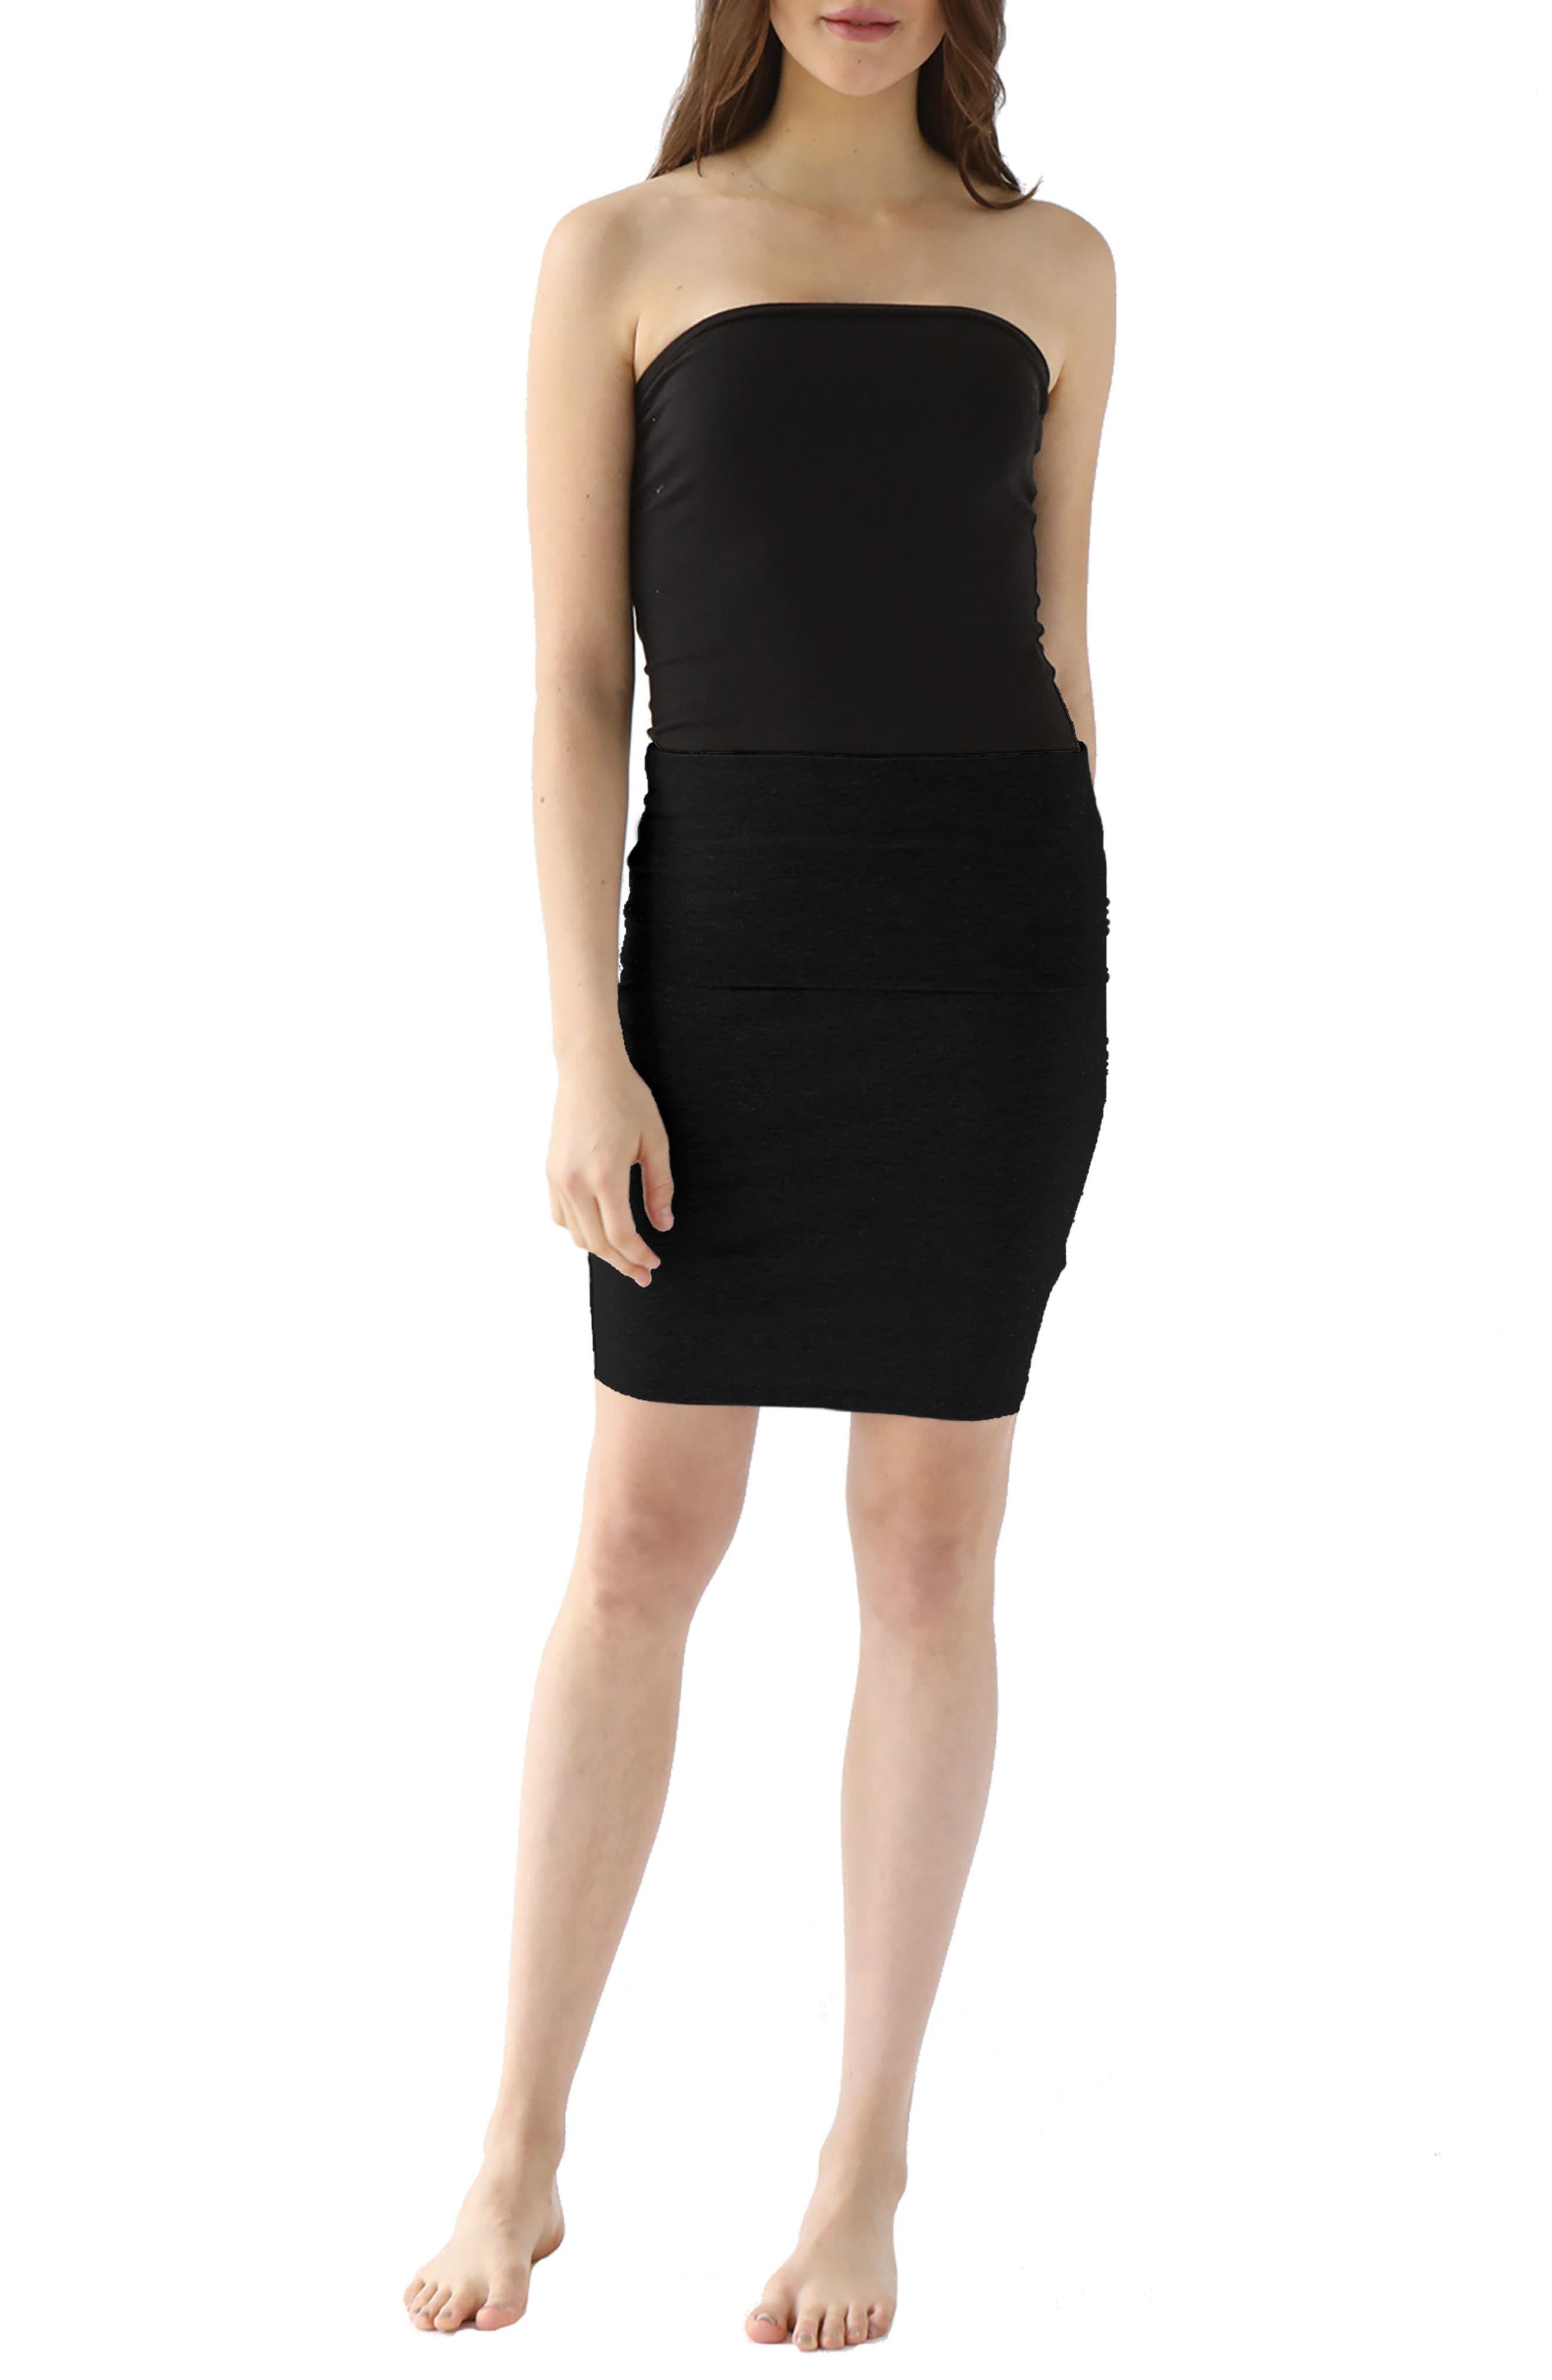 Trina Foldover Stretch Cotton Skirt,                         Main,                         color,